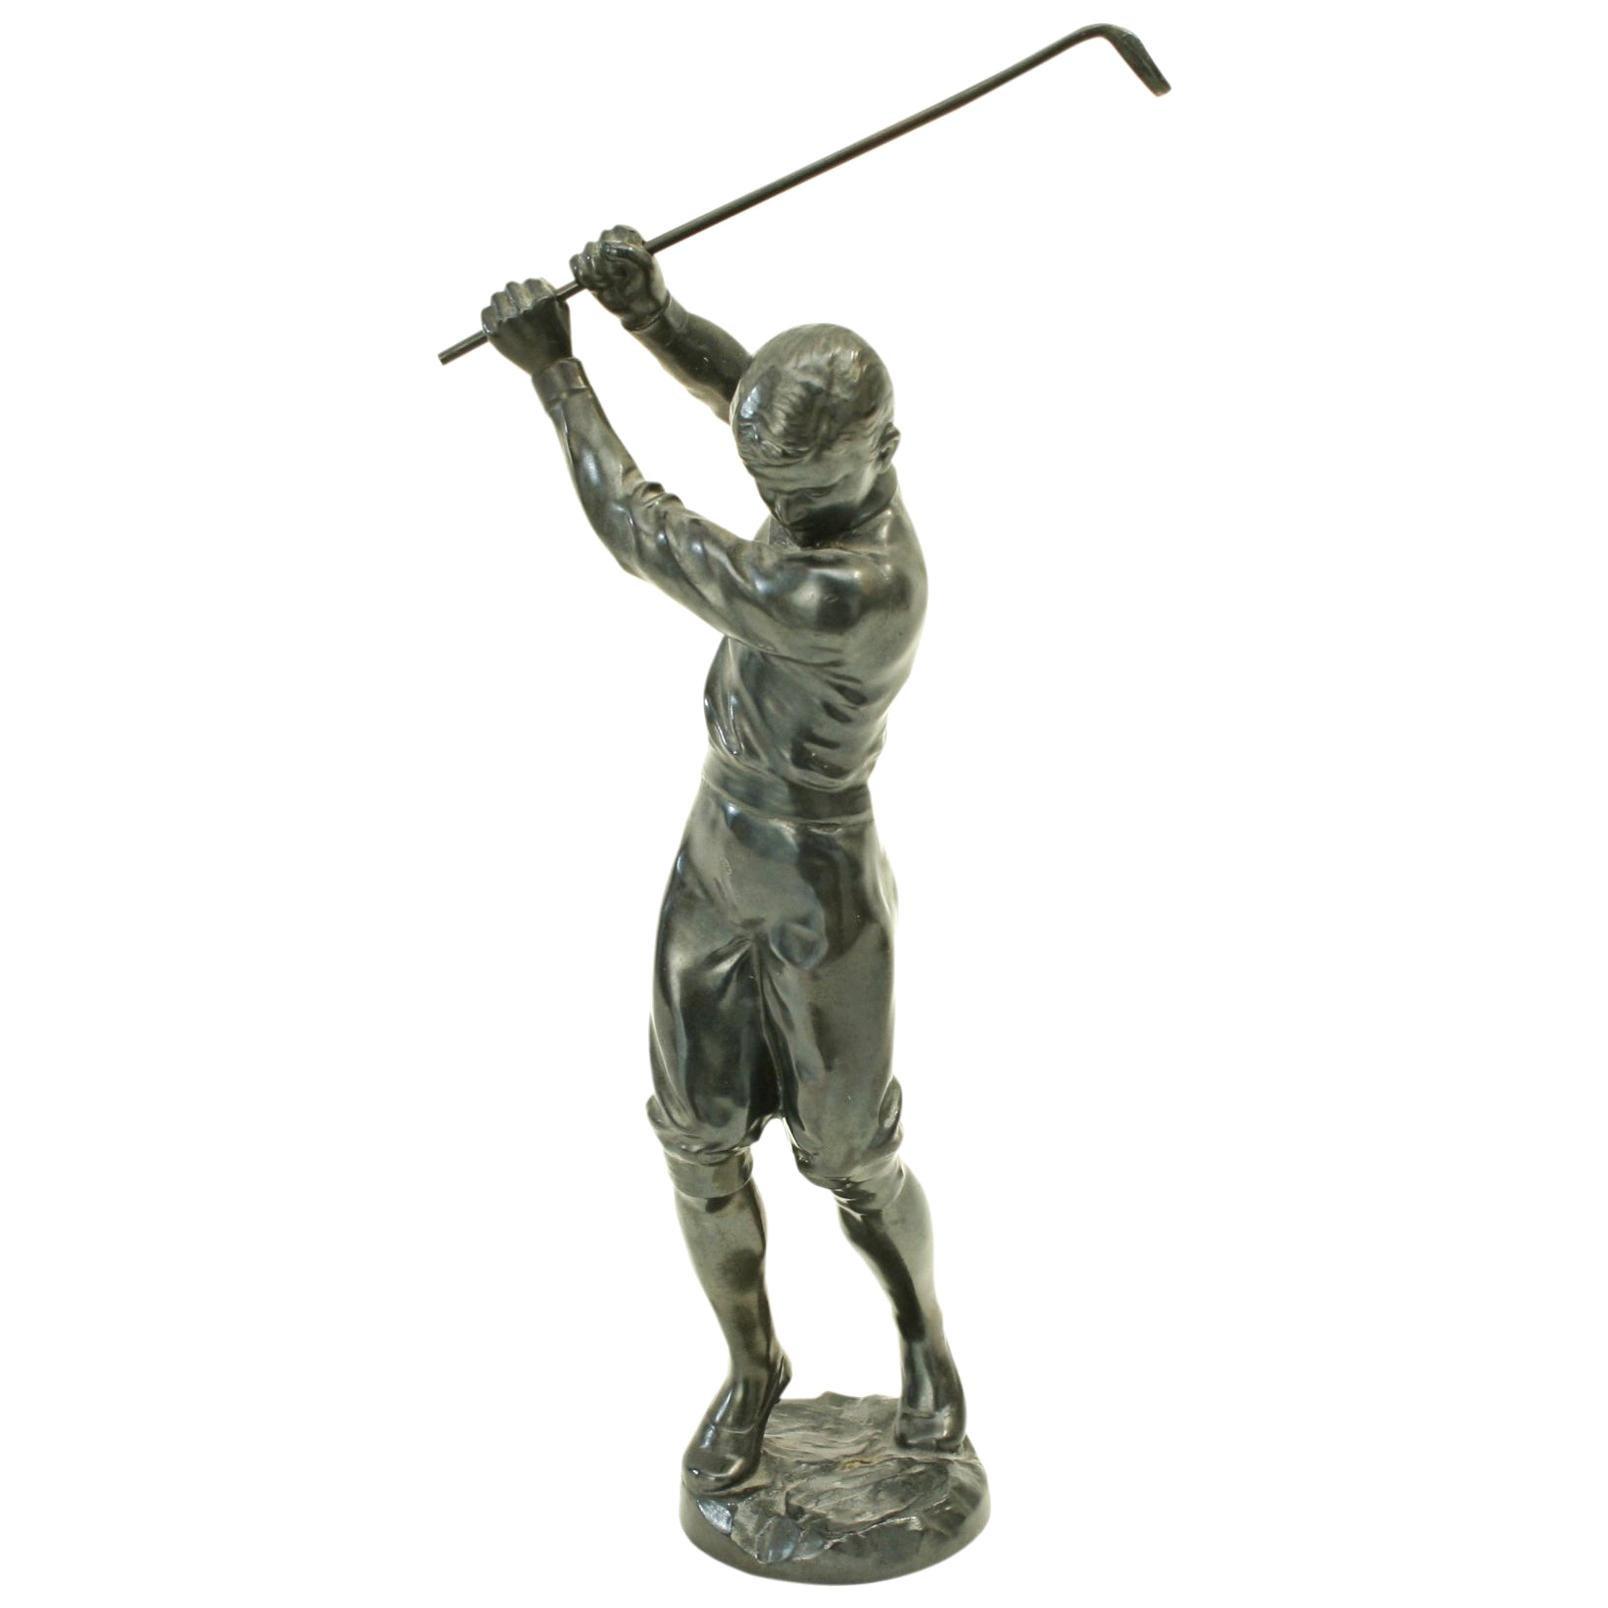 Antique Golf Figure of a Boy in Full Swing